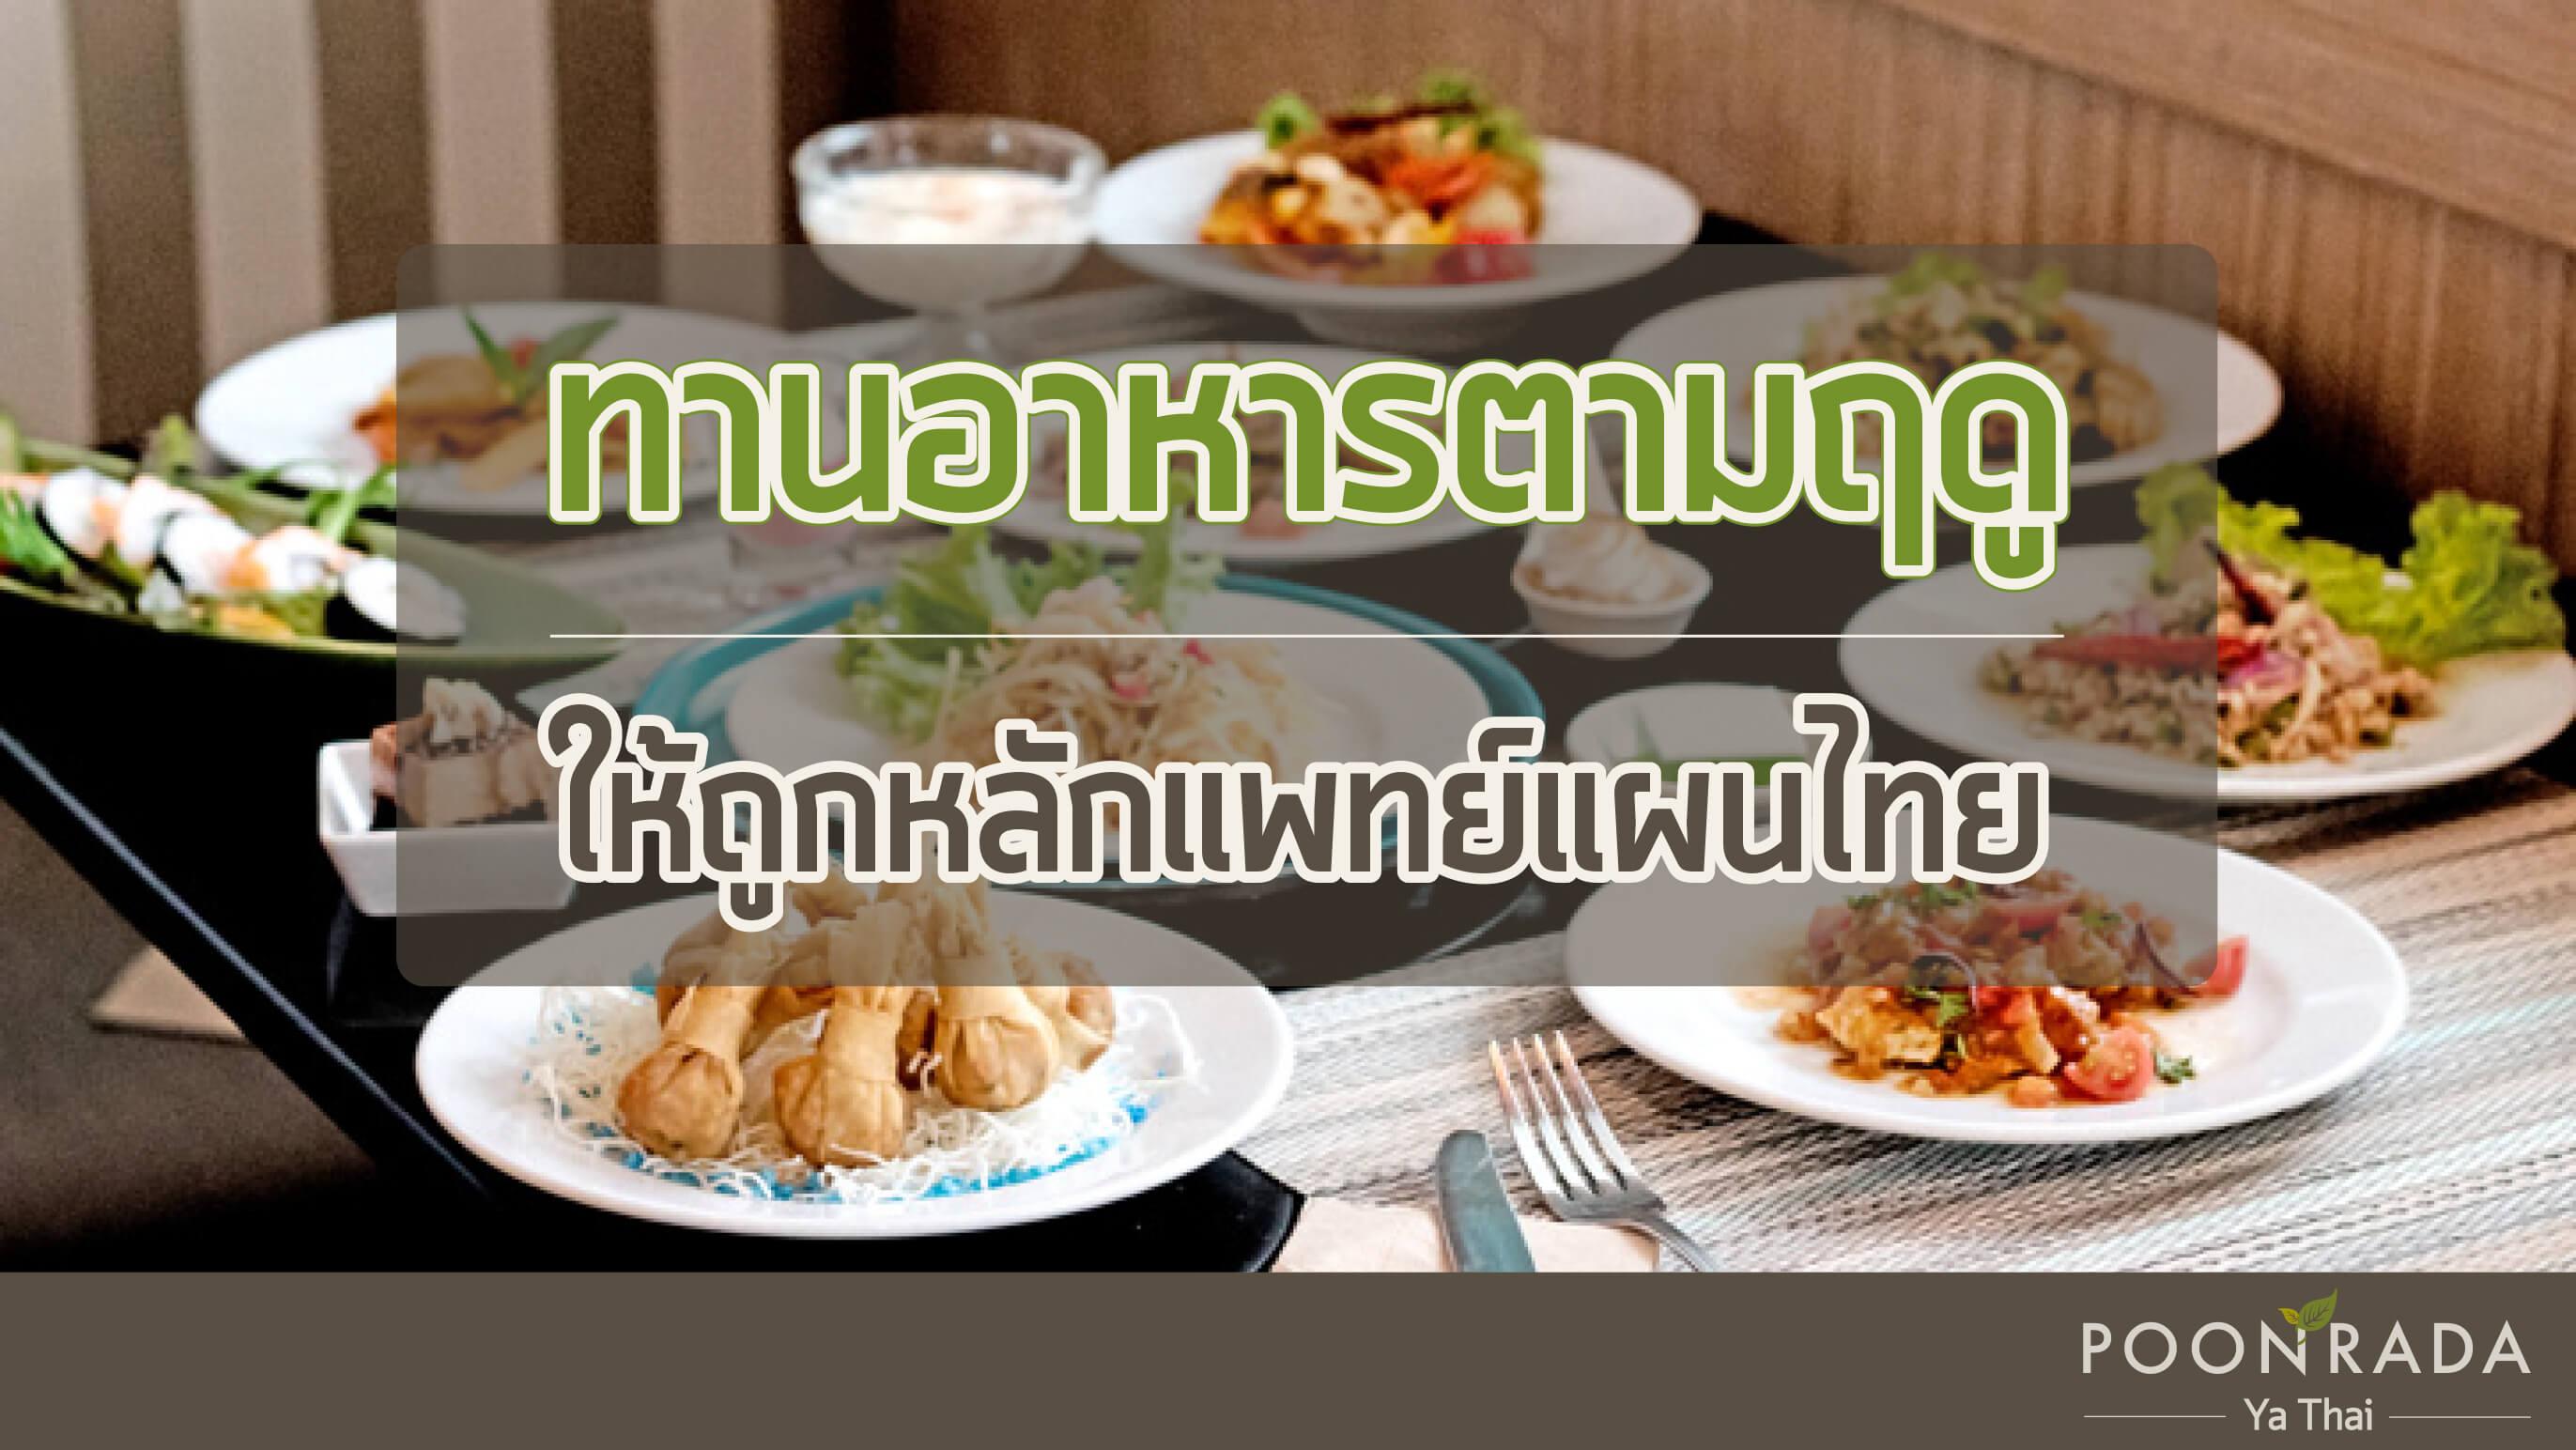 ทานอาหารตามฤดู ให้ถูกหลักแพทย์แผนไทย